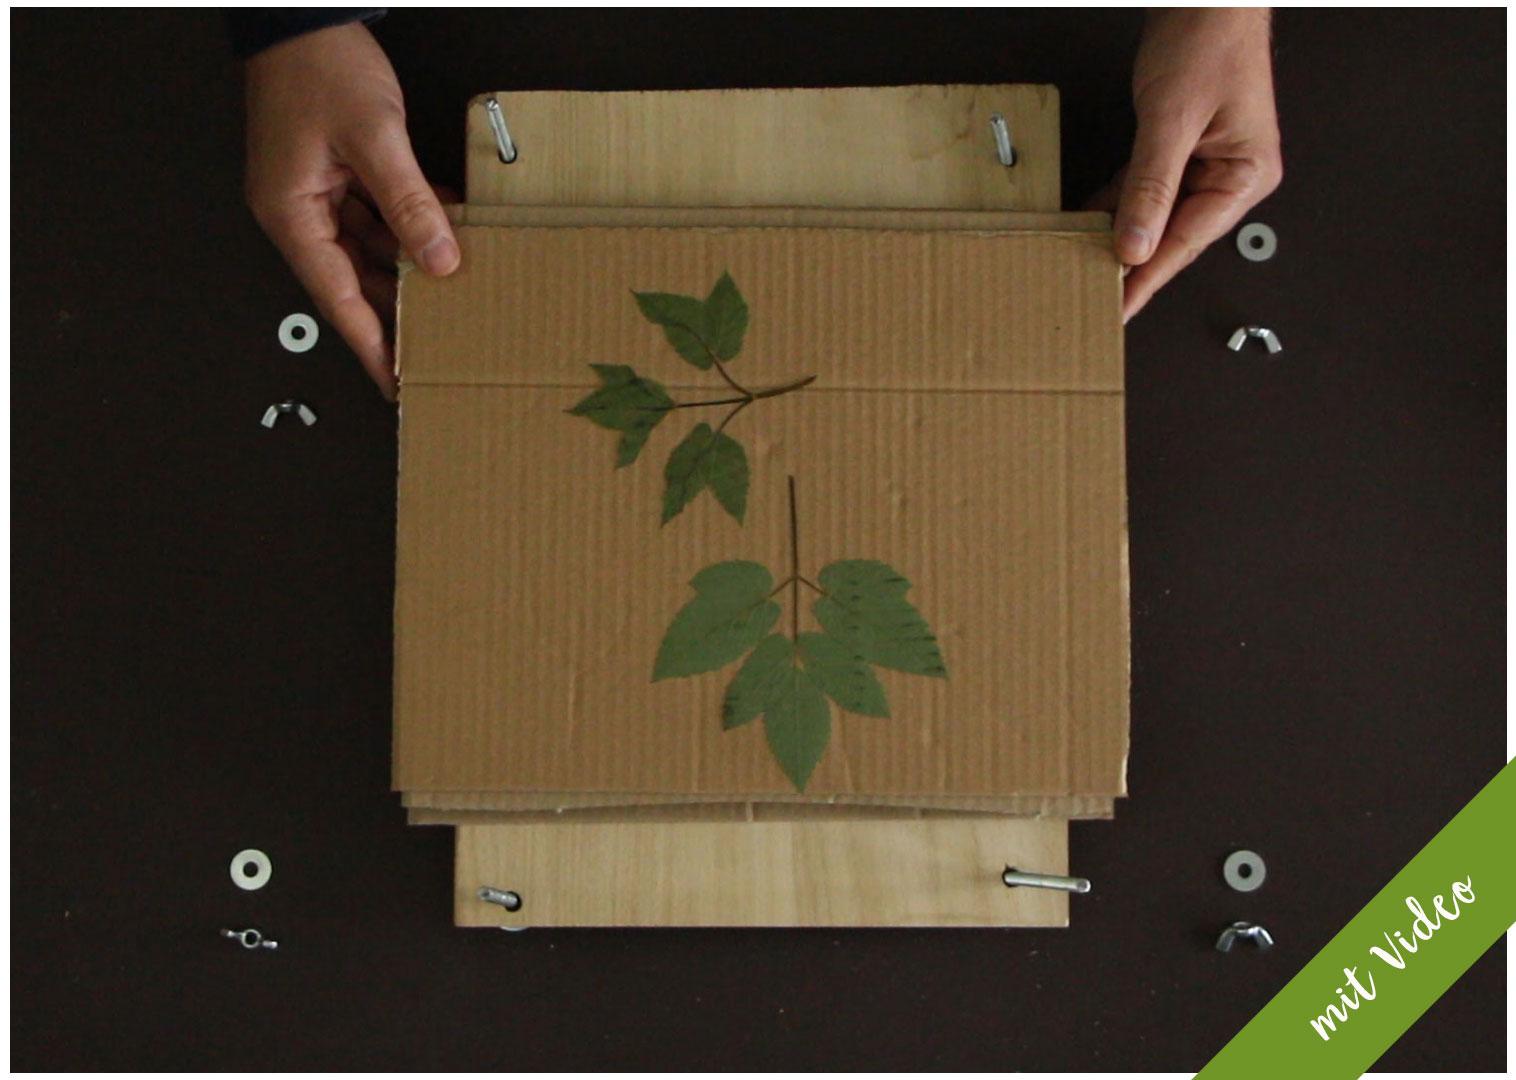 Dein eigenes Herbarium anlegen – Liste mit den wichtigsten Werkzeugen und Materialien für dein eigenes Herbarium. www.herbarium-vorlagen.de –Herbarium Pflanzenpresse selber bauen – Anleitung